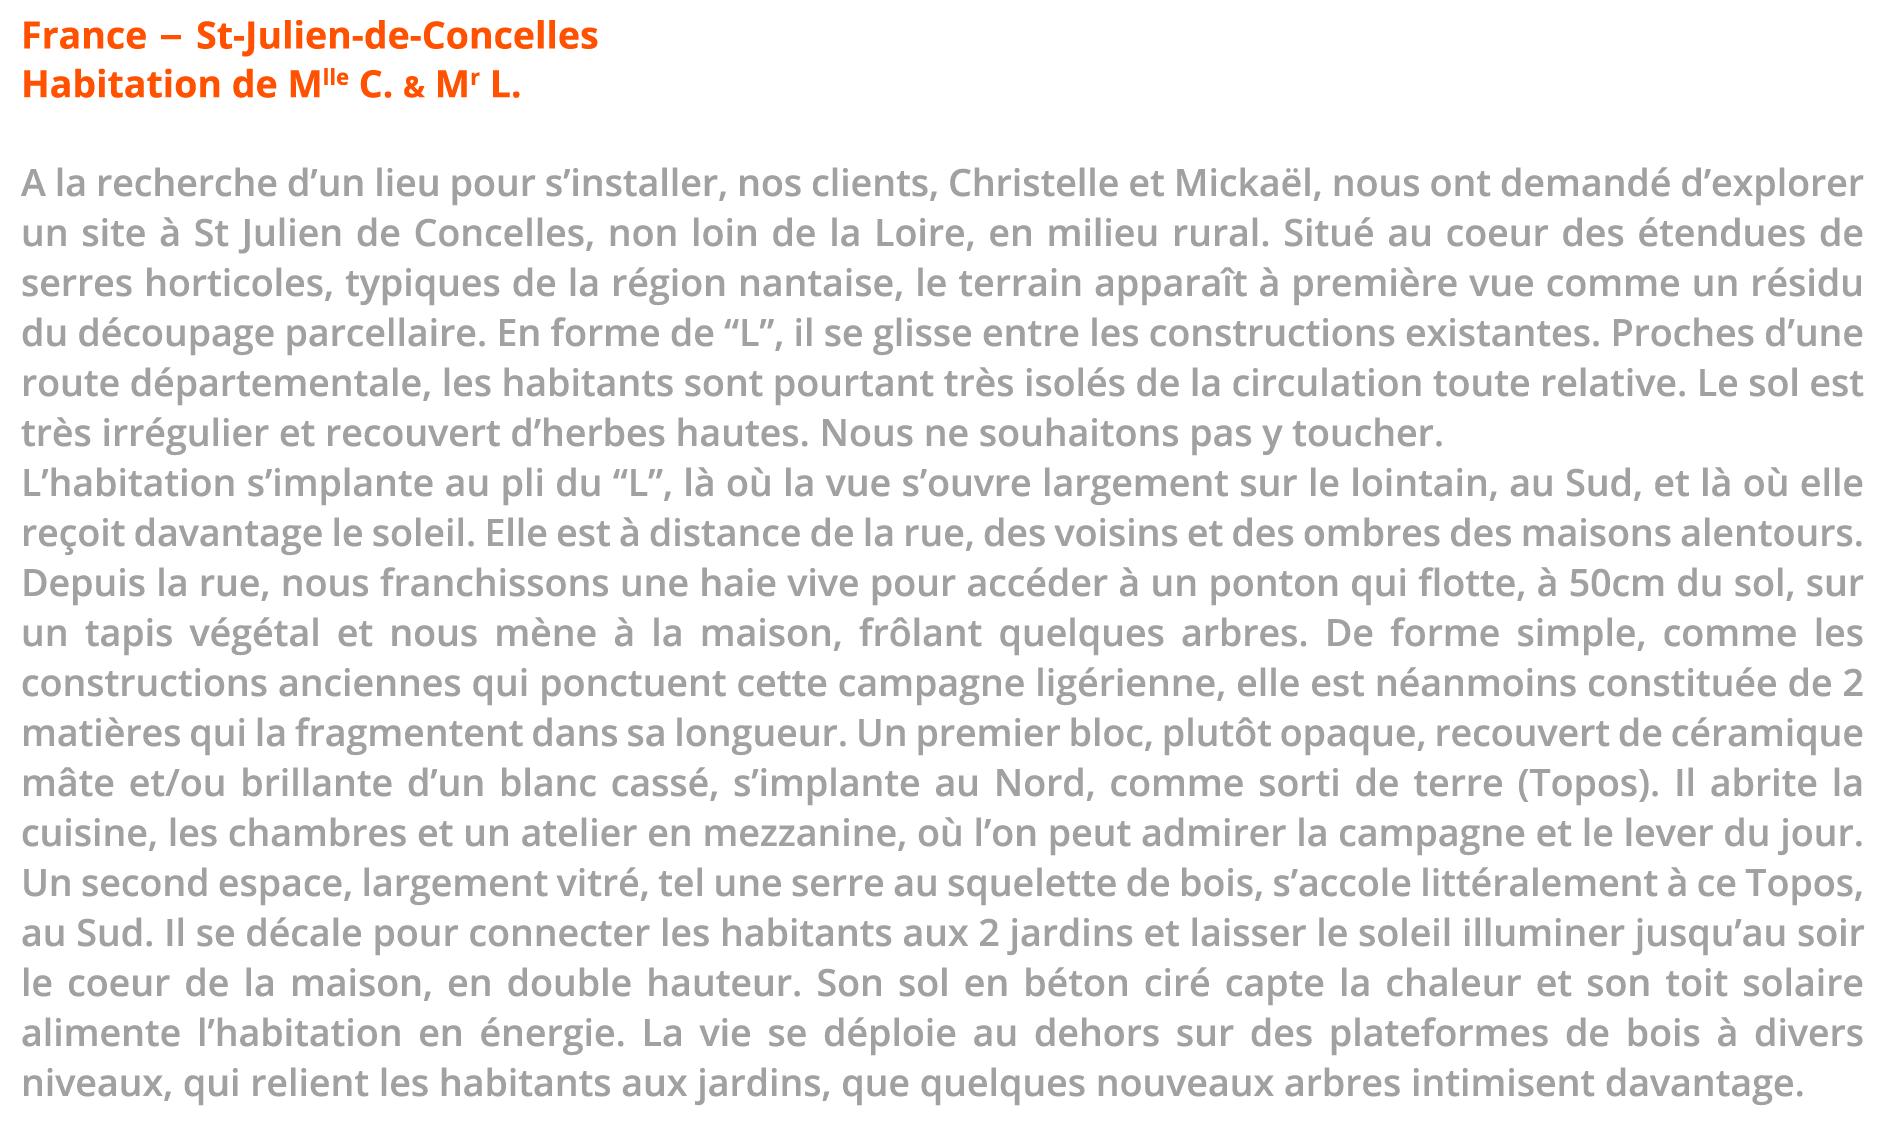 France-St-Julien-de-Concelles-Texte.png